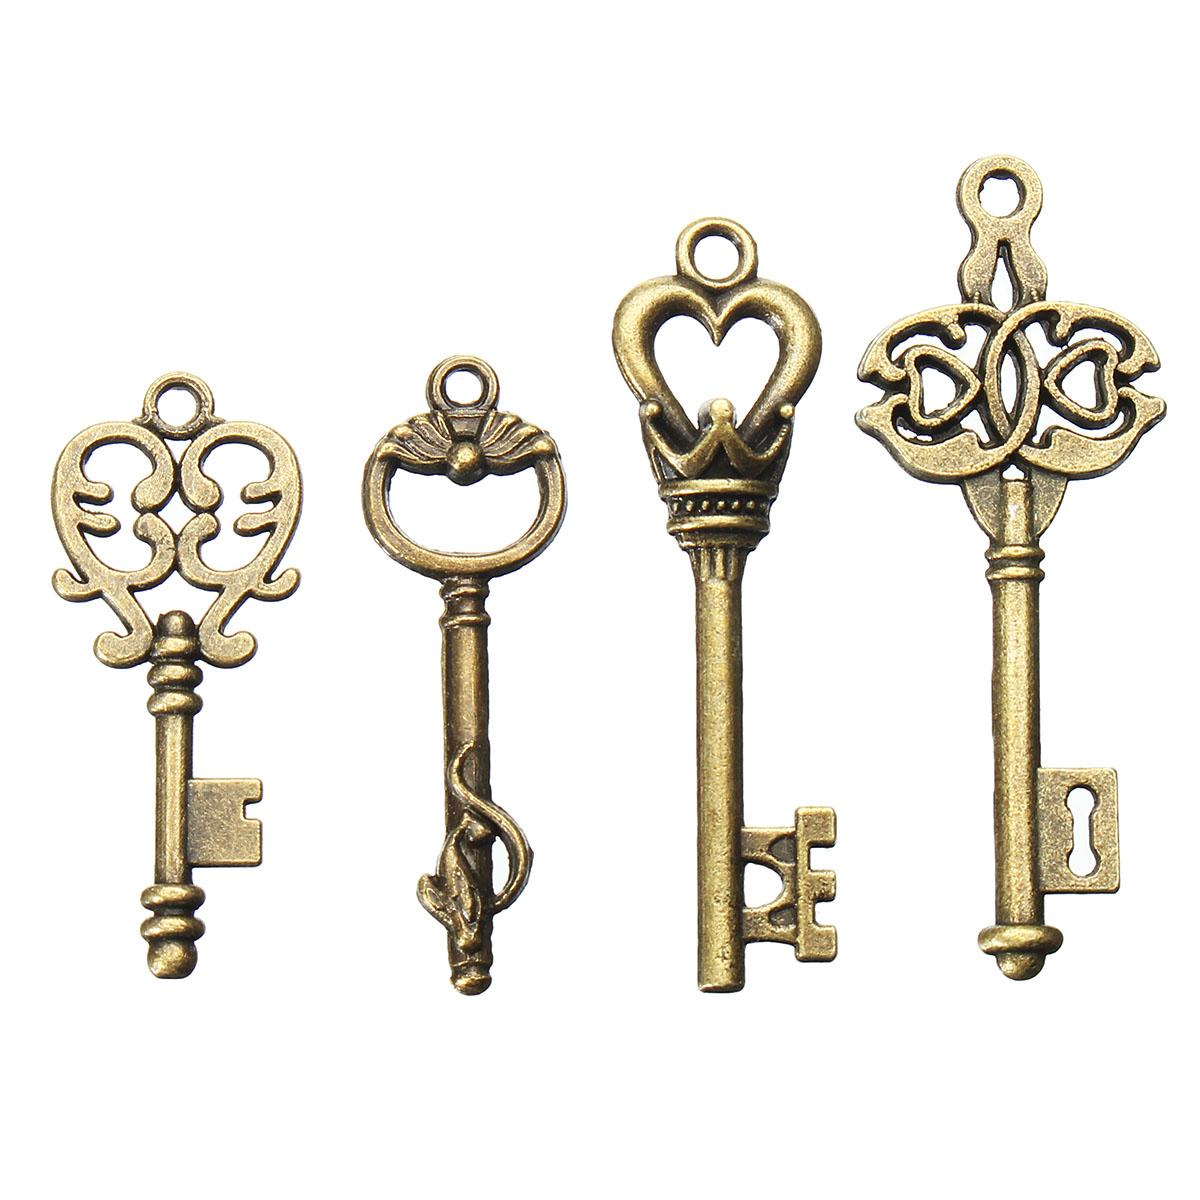 4Pcs Винтаж Бронзовый ключ для Кулон Браслет ожерелья DIY Украшение ручной работы Аксессуары